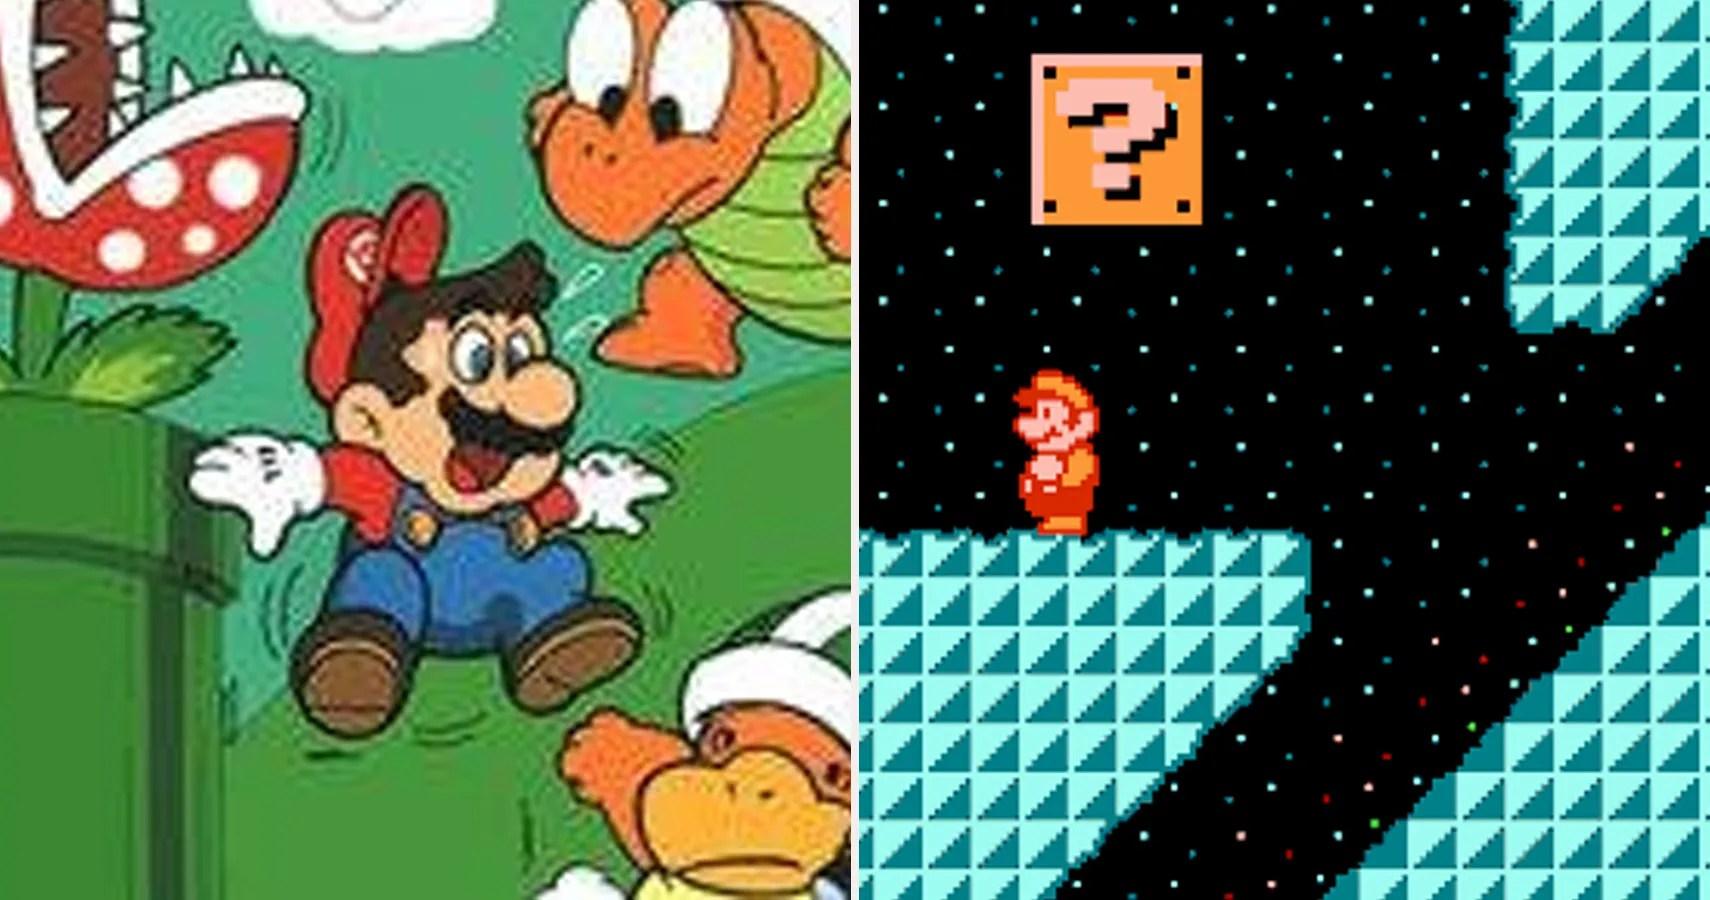 Super Mario Bros. 3: Crazy Things You Had No Idea About